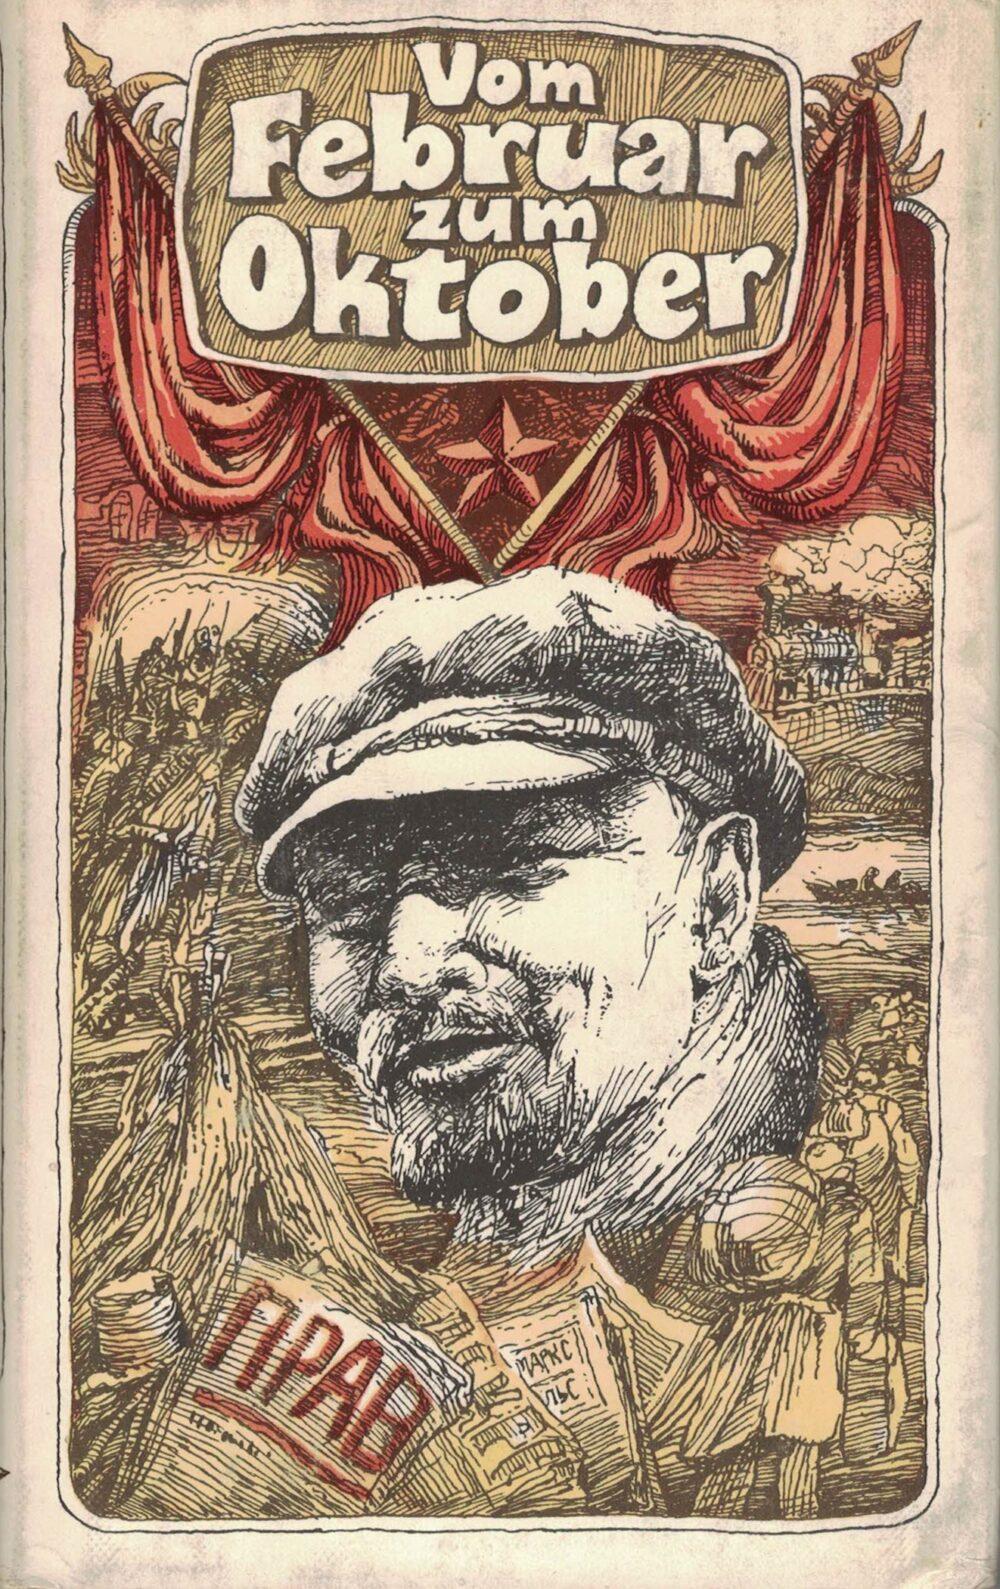 Vom Februar zum Oktober - Erinnerung an Lenin aus dem Jahre 1917